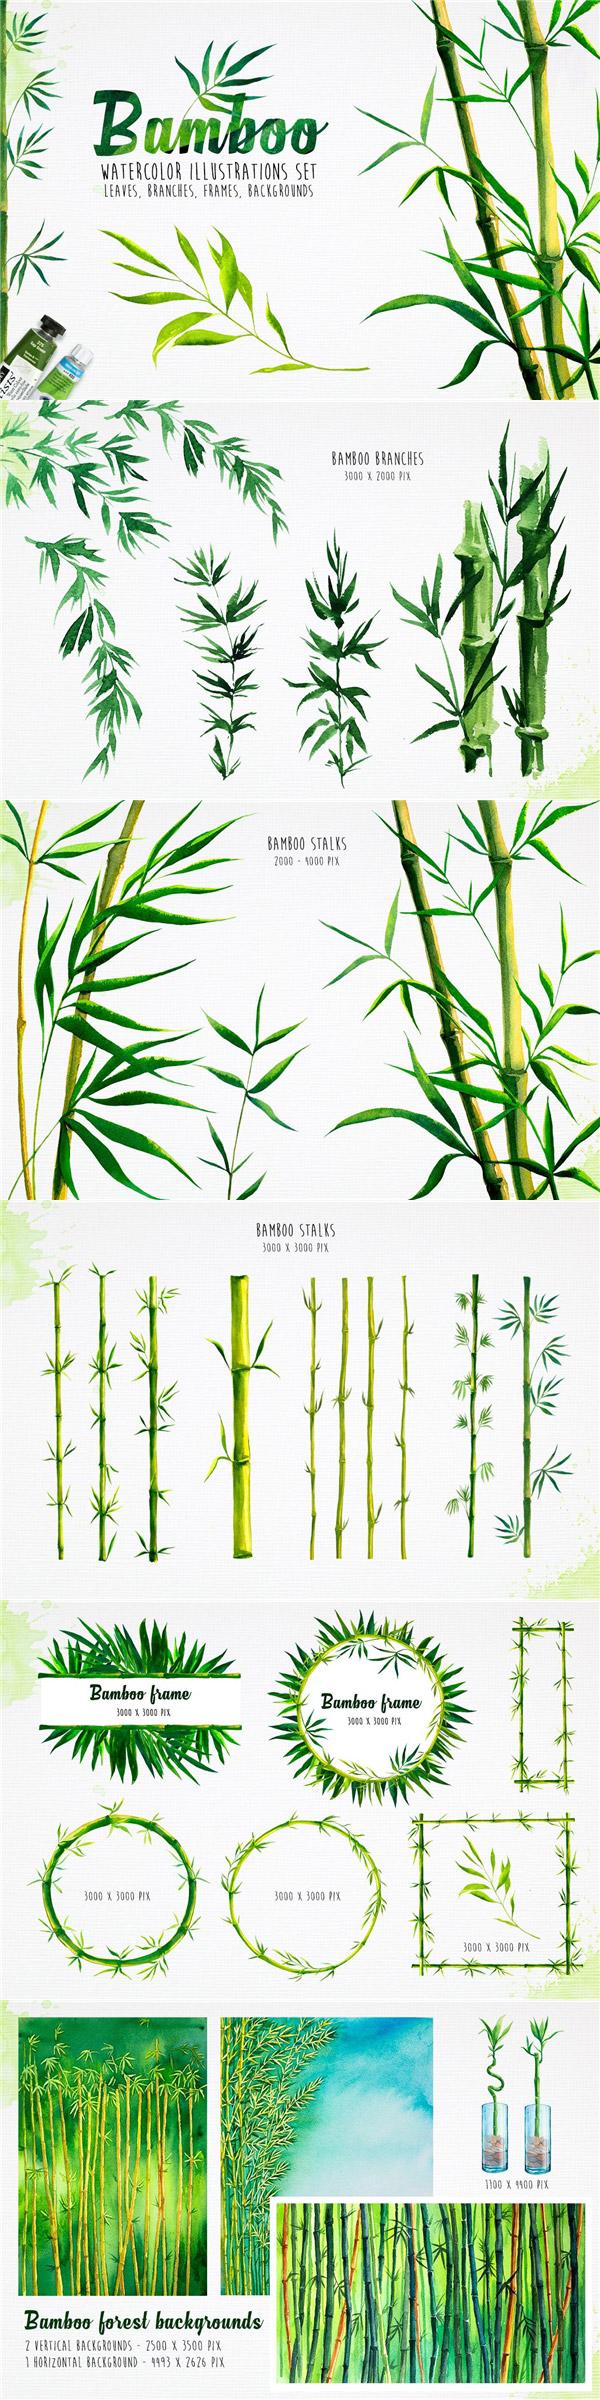 绿色竹子手绘插画